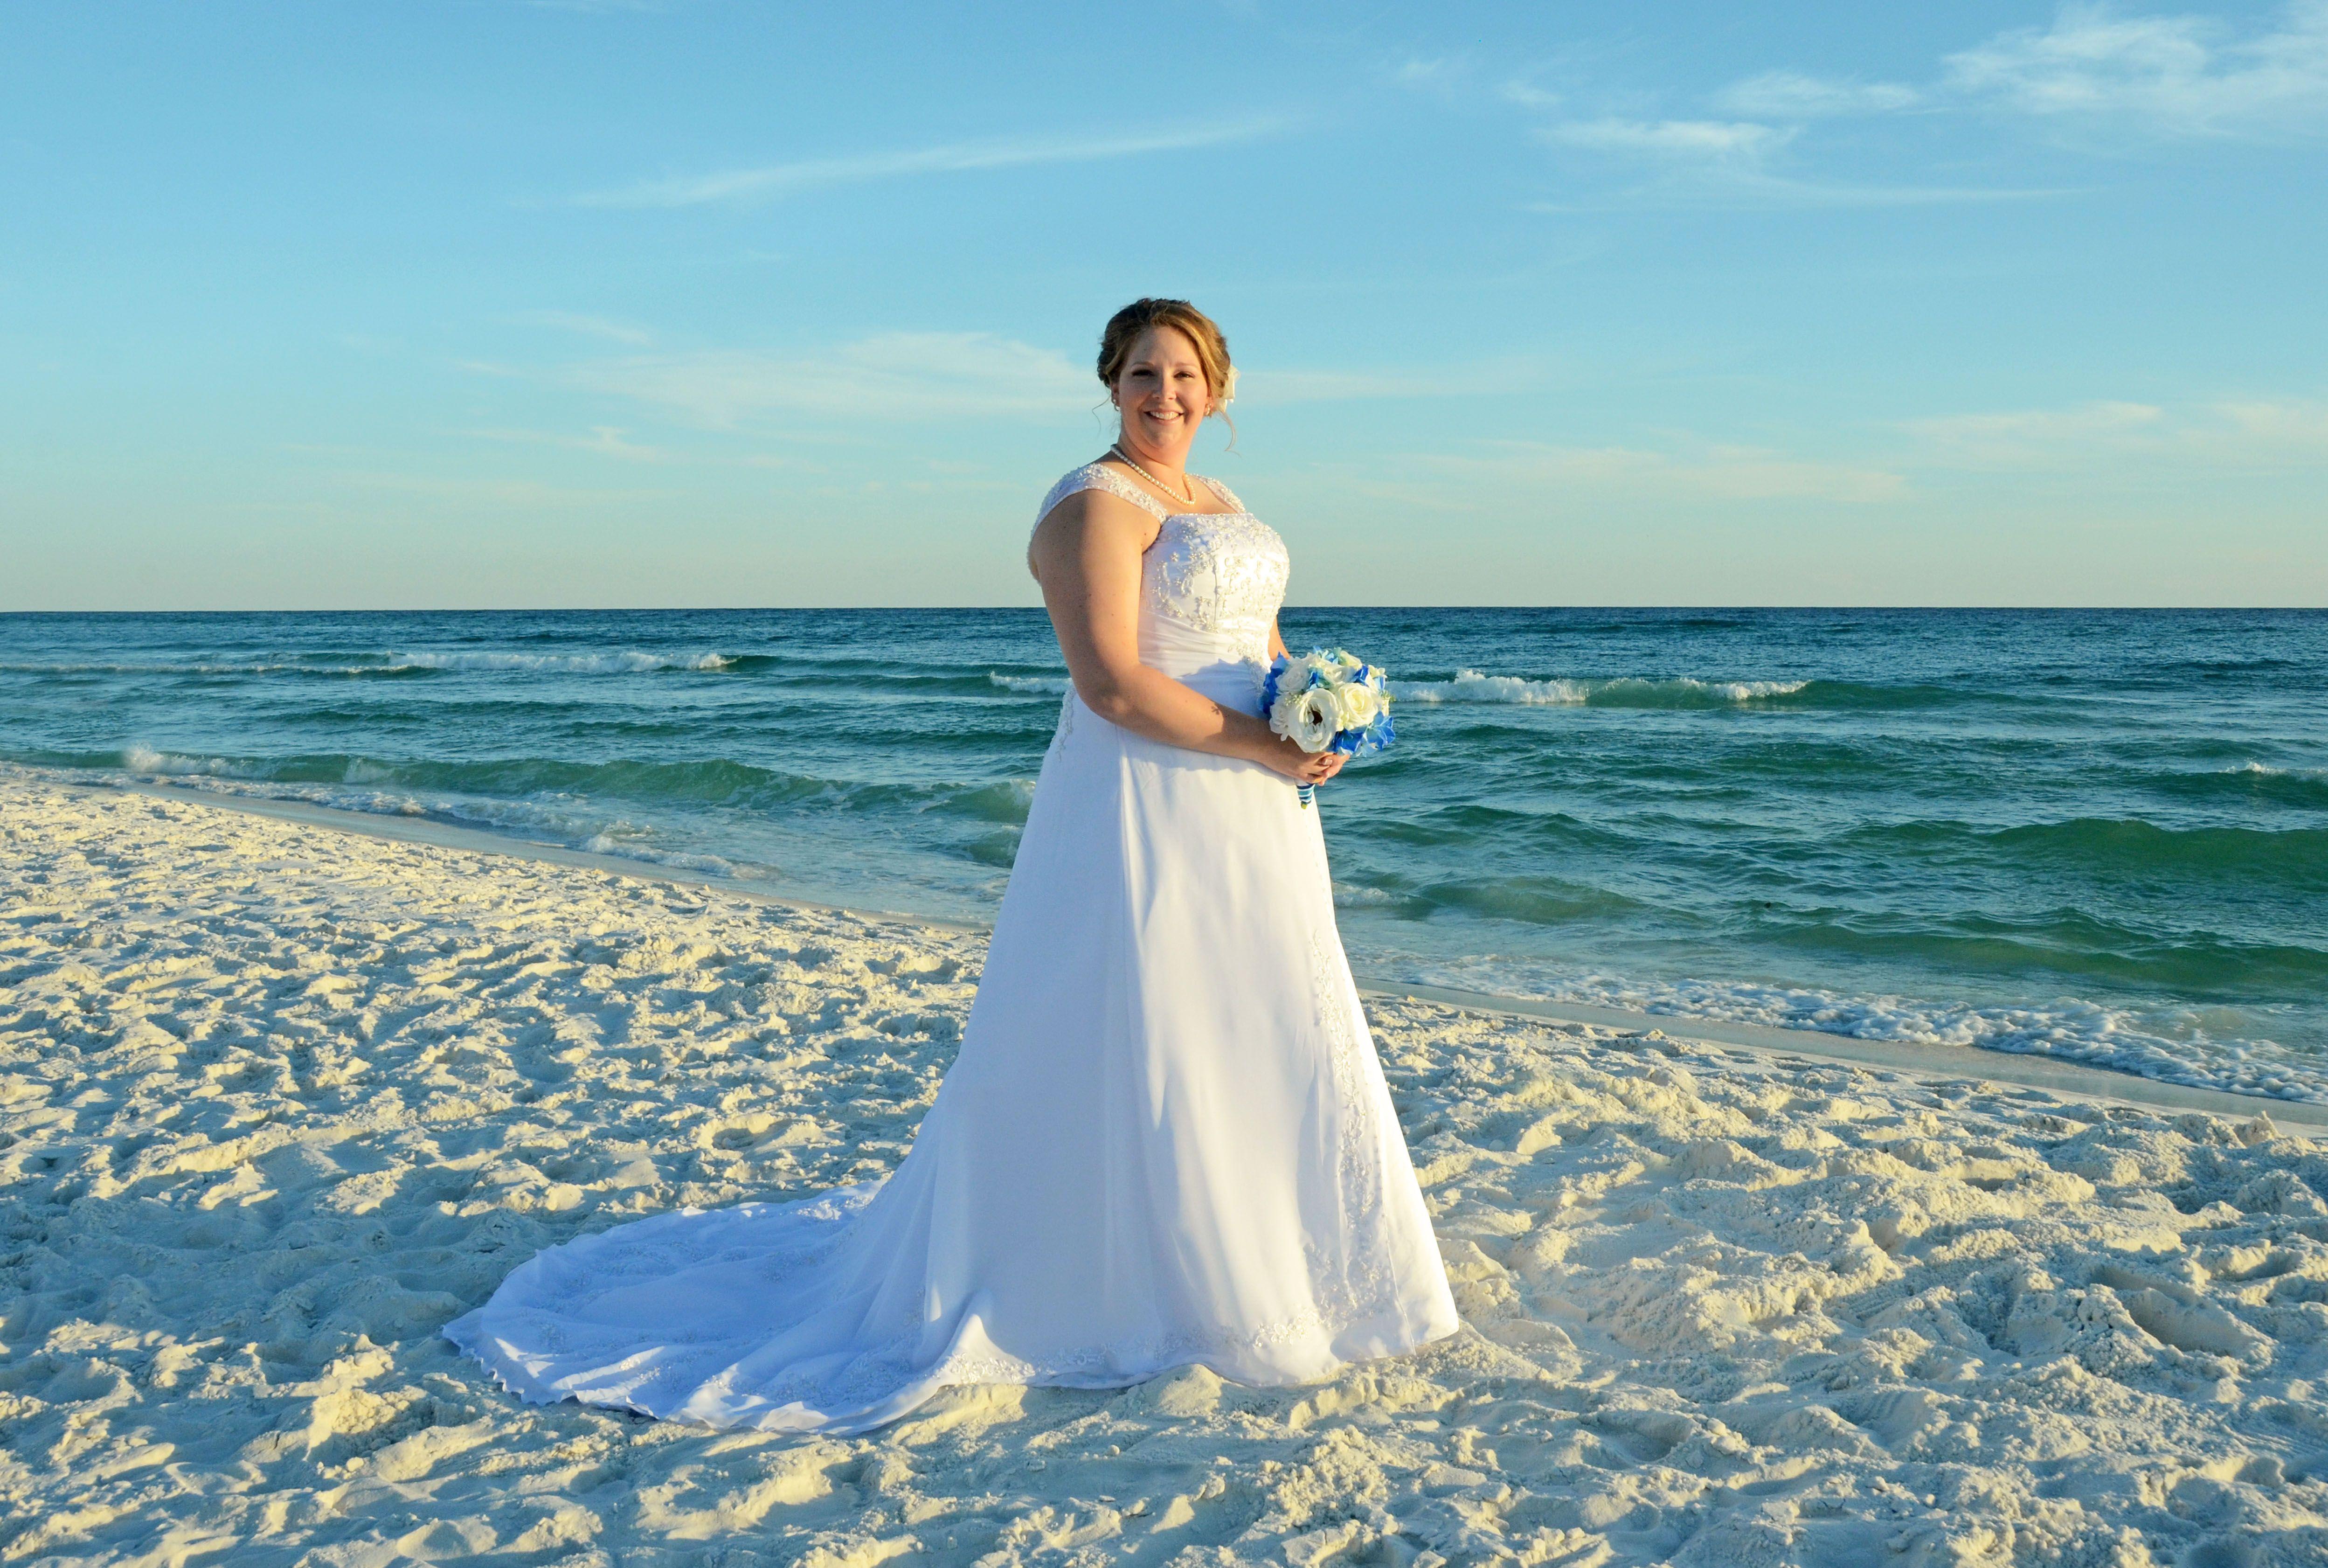 Teal beach wedding  Miramar Beach Florida destination beach wedding  Beach Brides